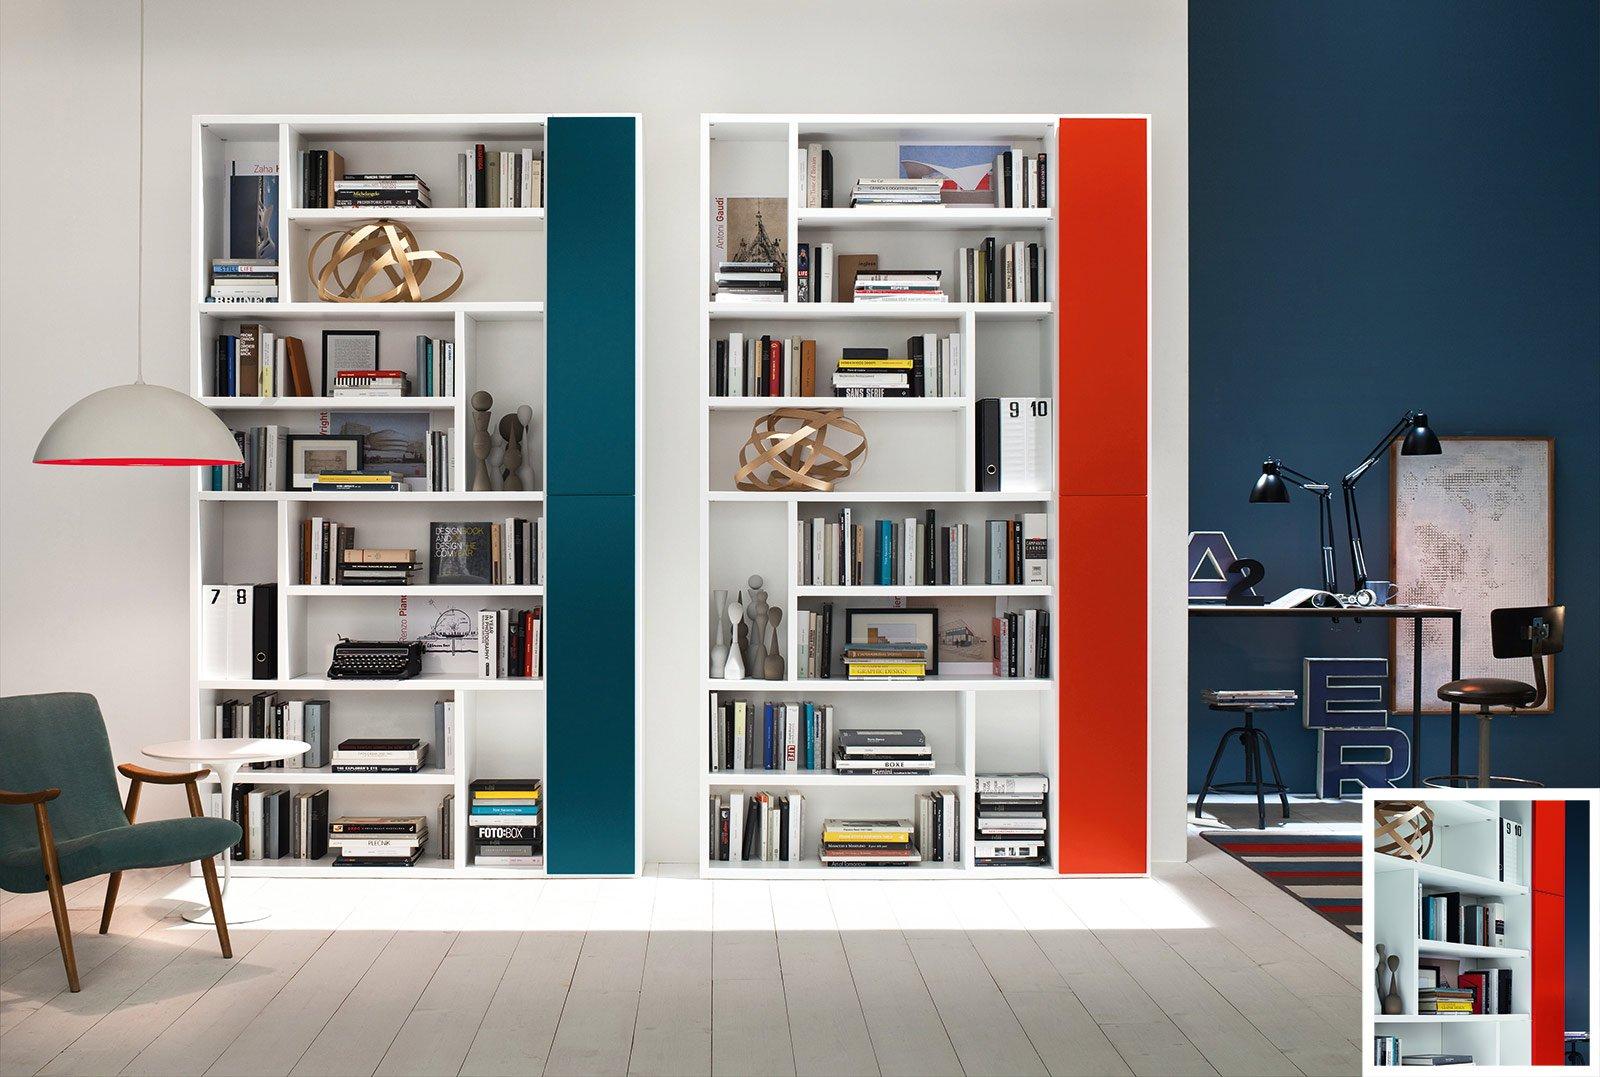 ... Una libreria misura L 153 x P 35 x H 241 cm. Prezzo 2.008 euro. www